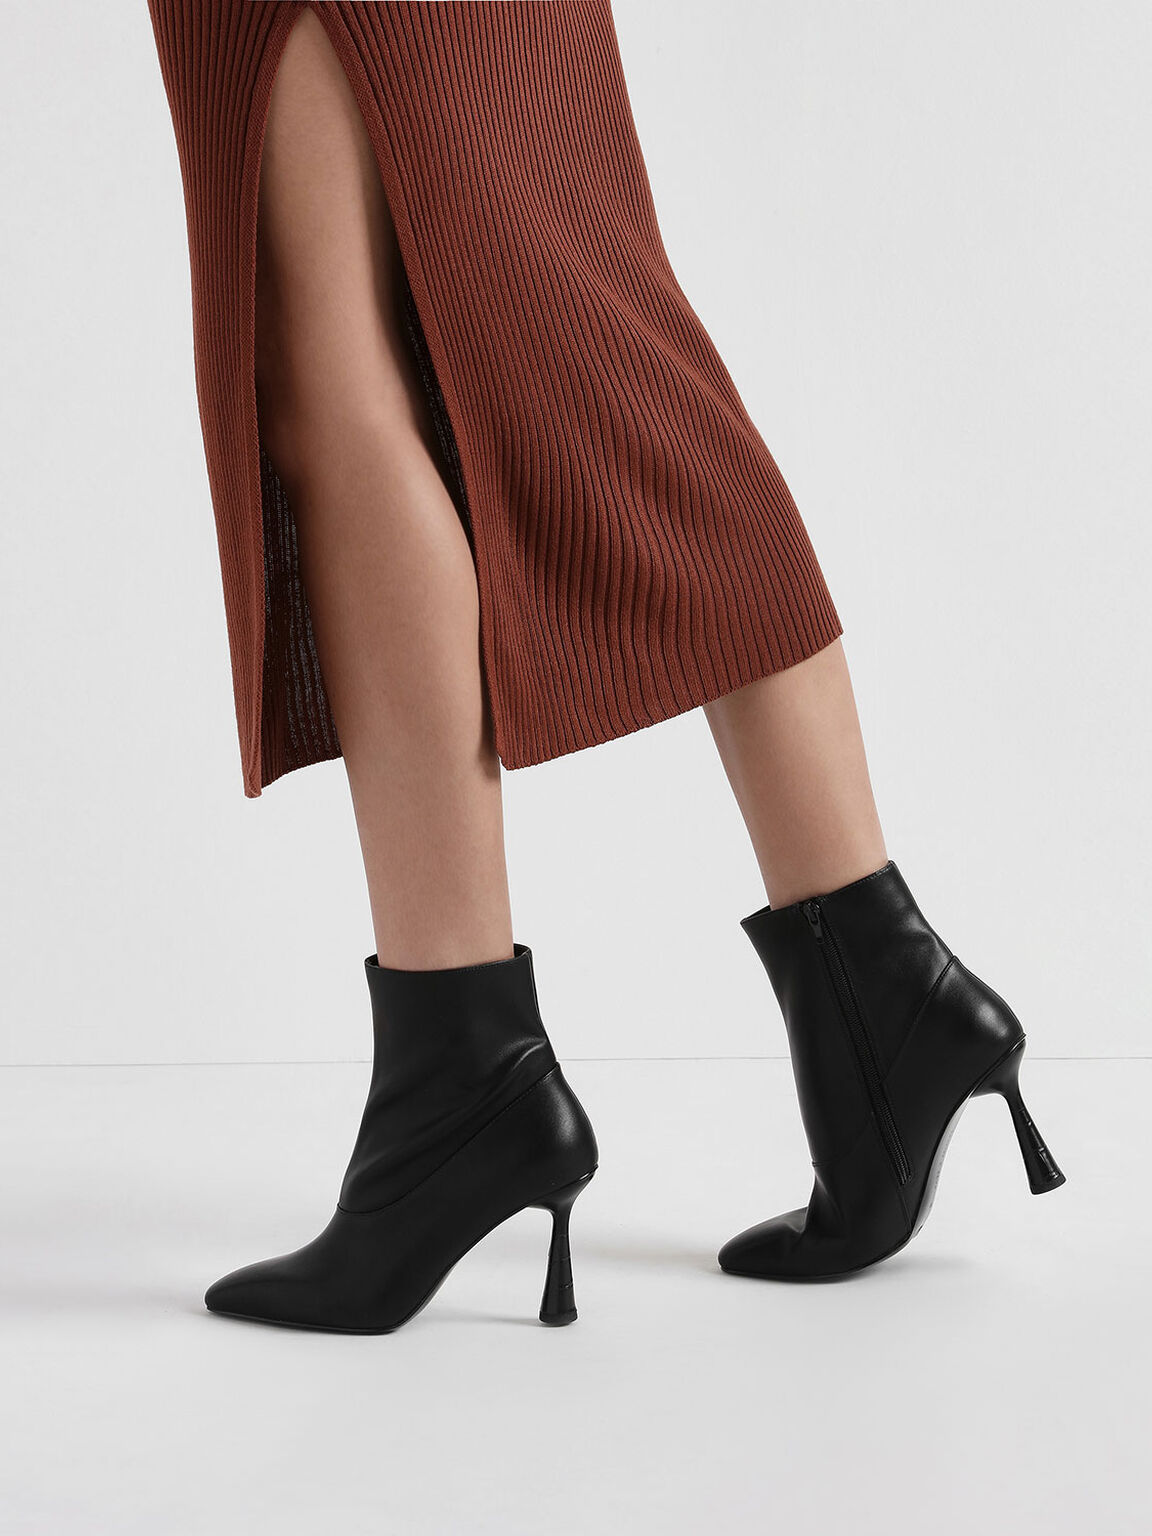 Croc-Effect Sculptural Heel Ankle Boots, Black, hi-res